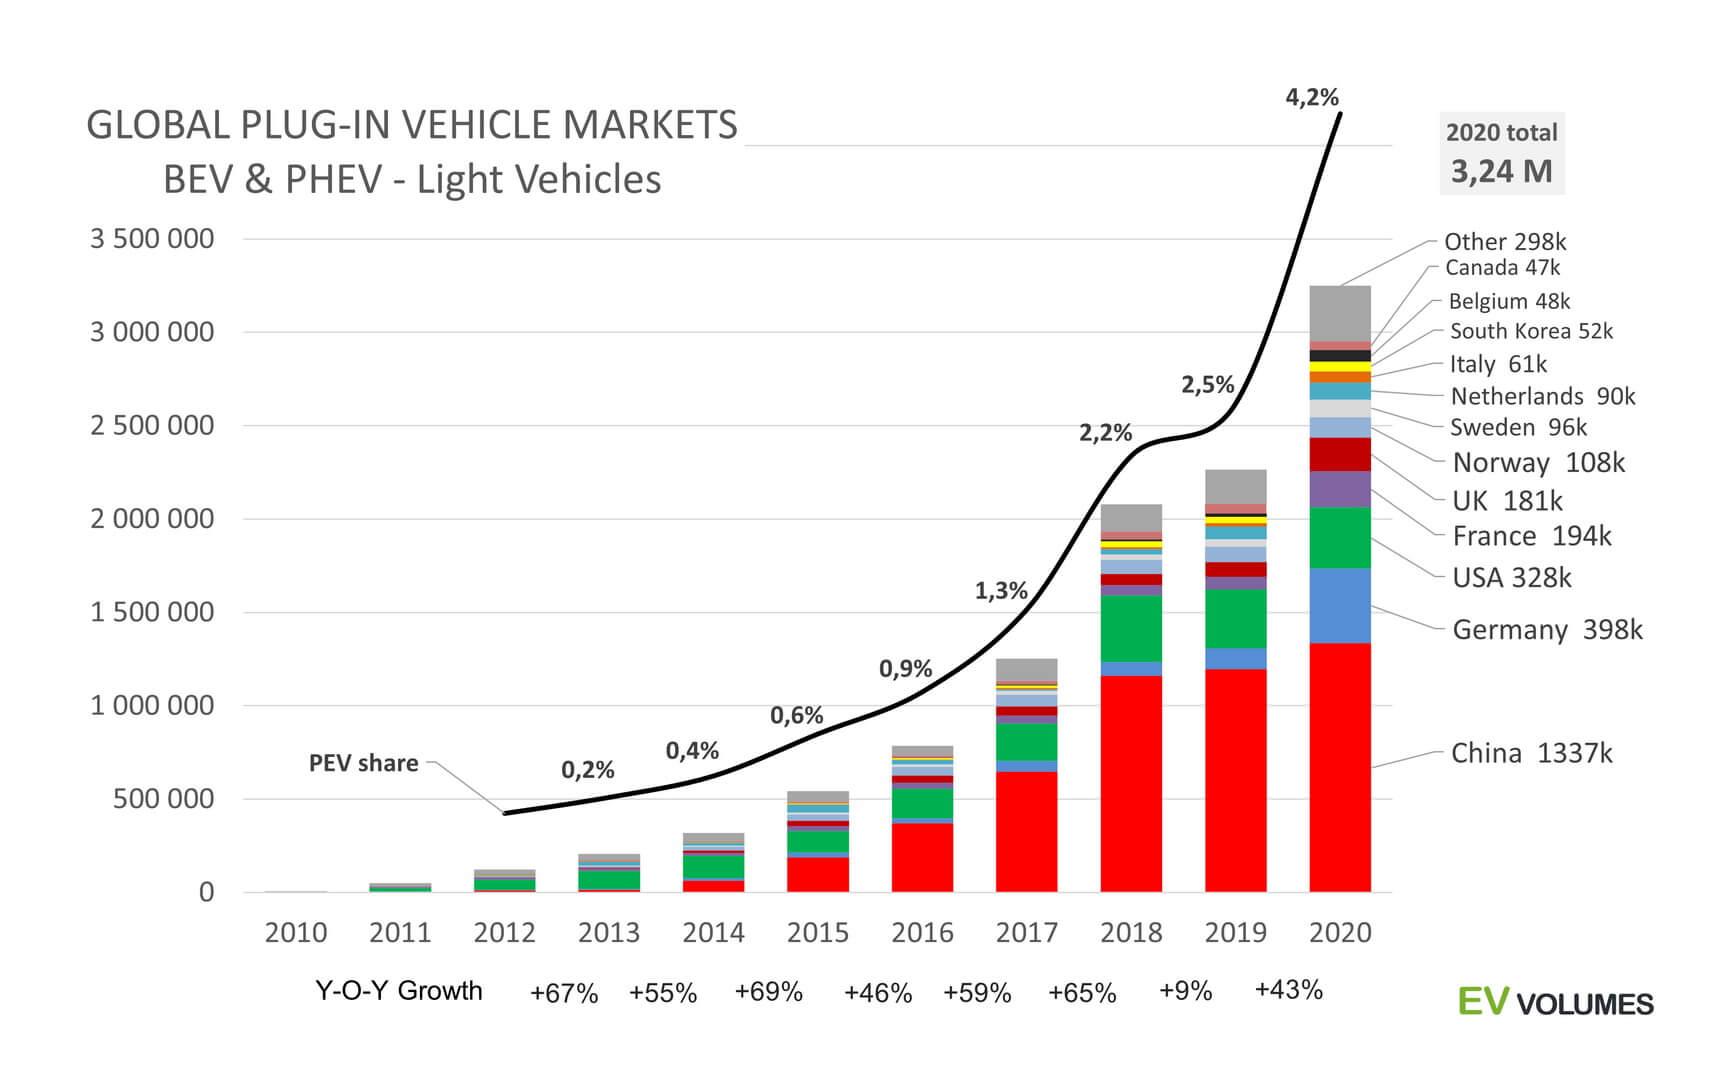 Глобальные поставки электромобилей и плагин-гибридов на разных рынках с 2010 по 2020 год